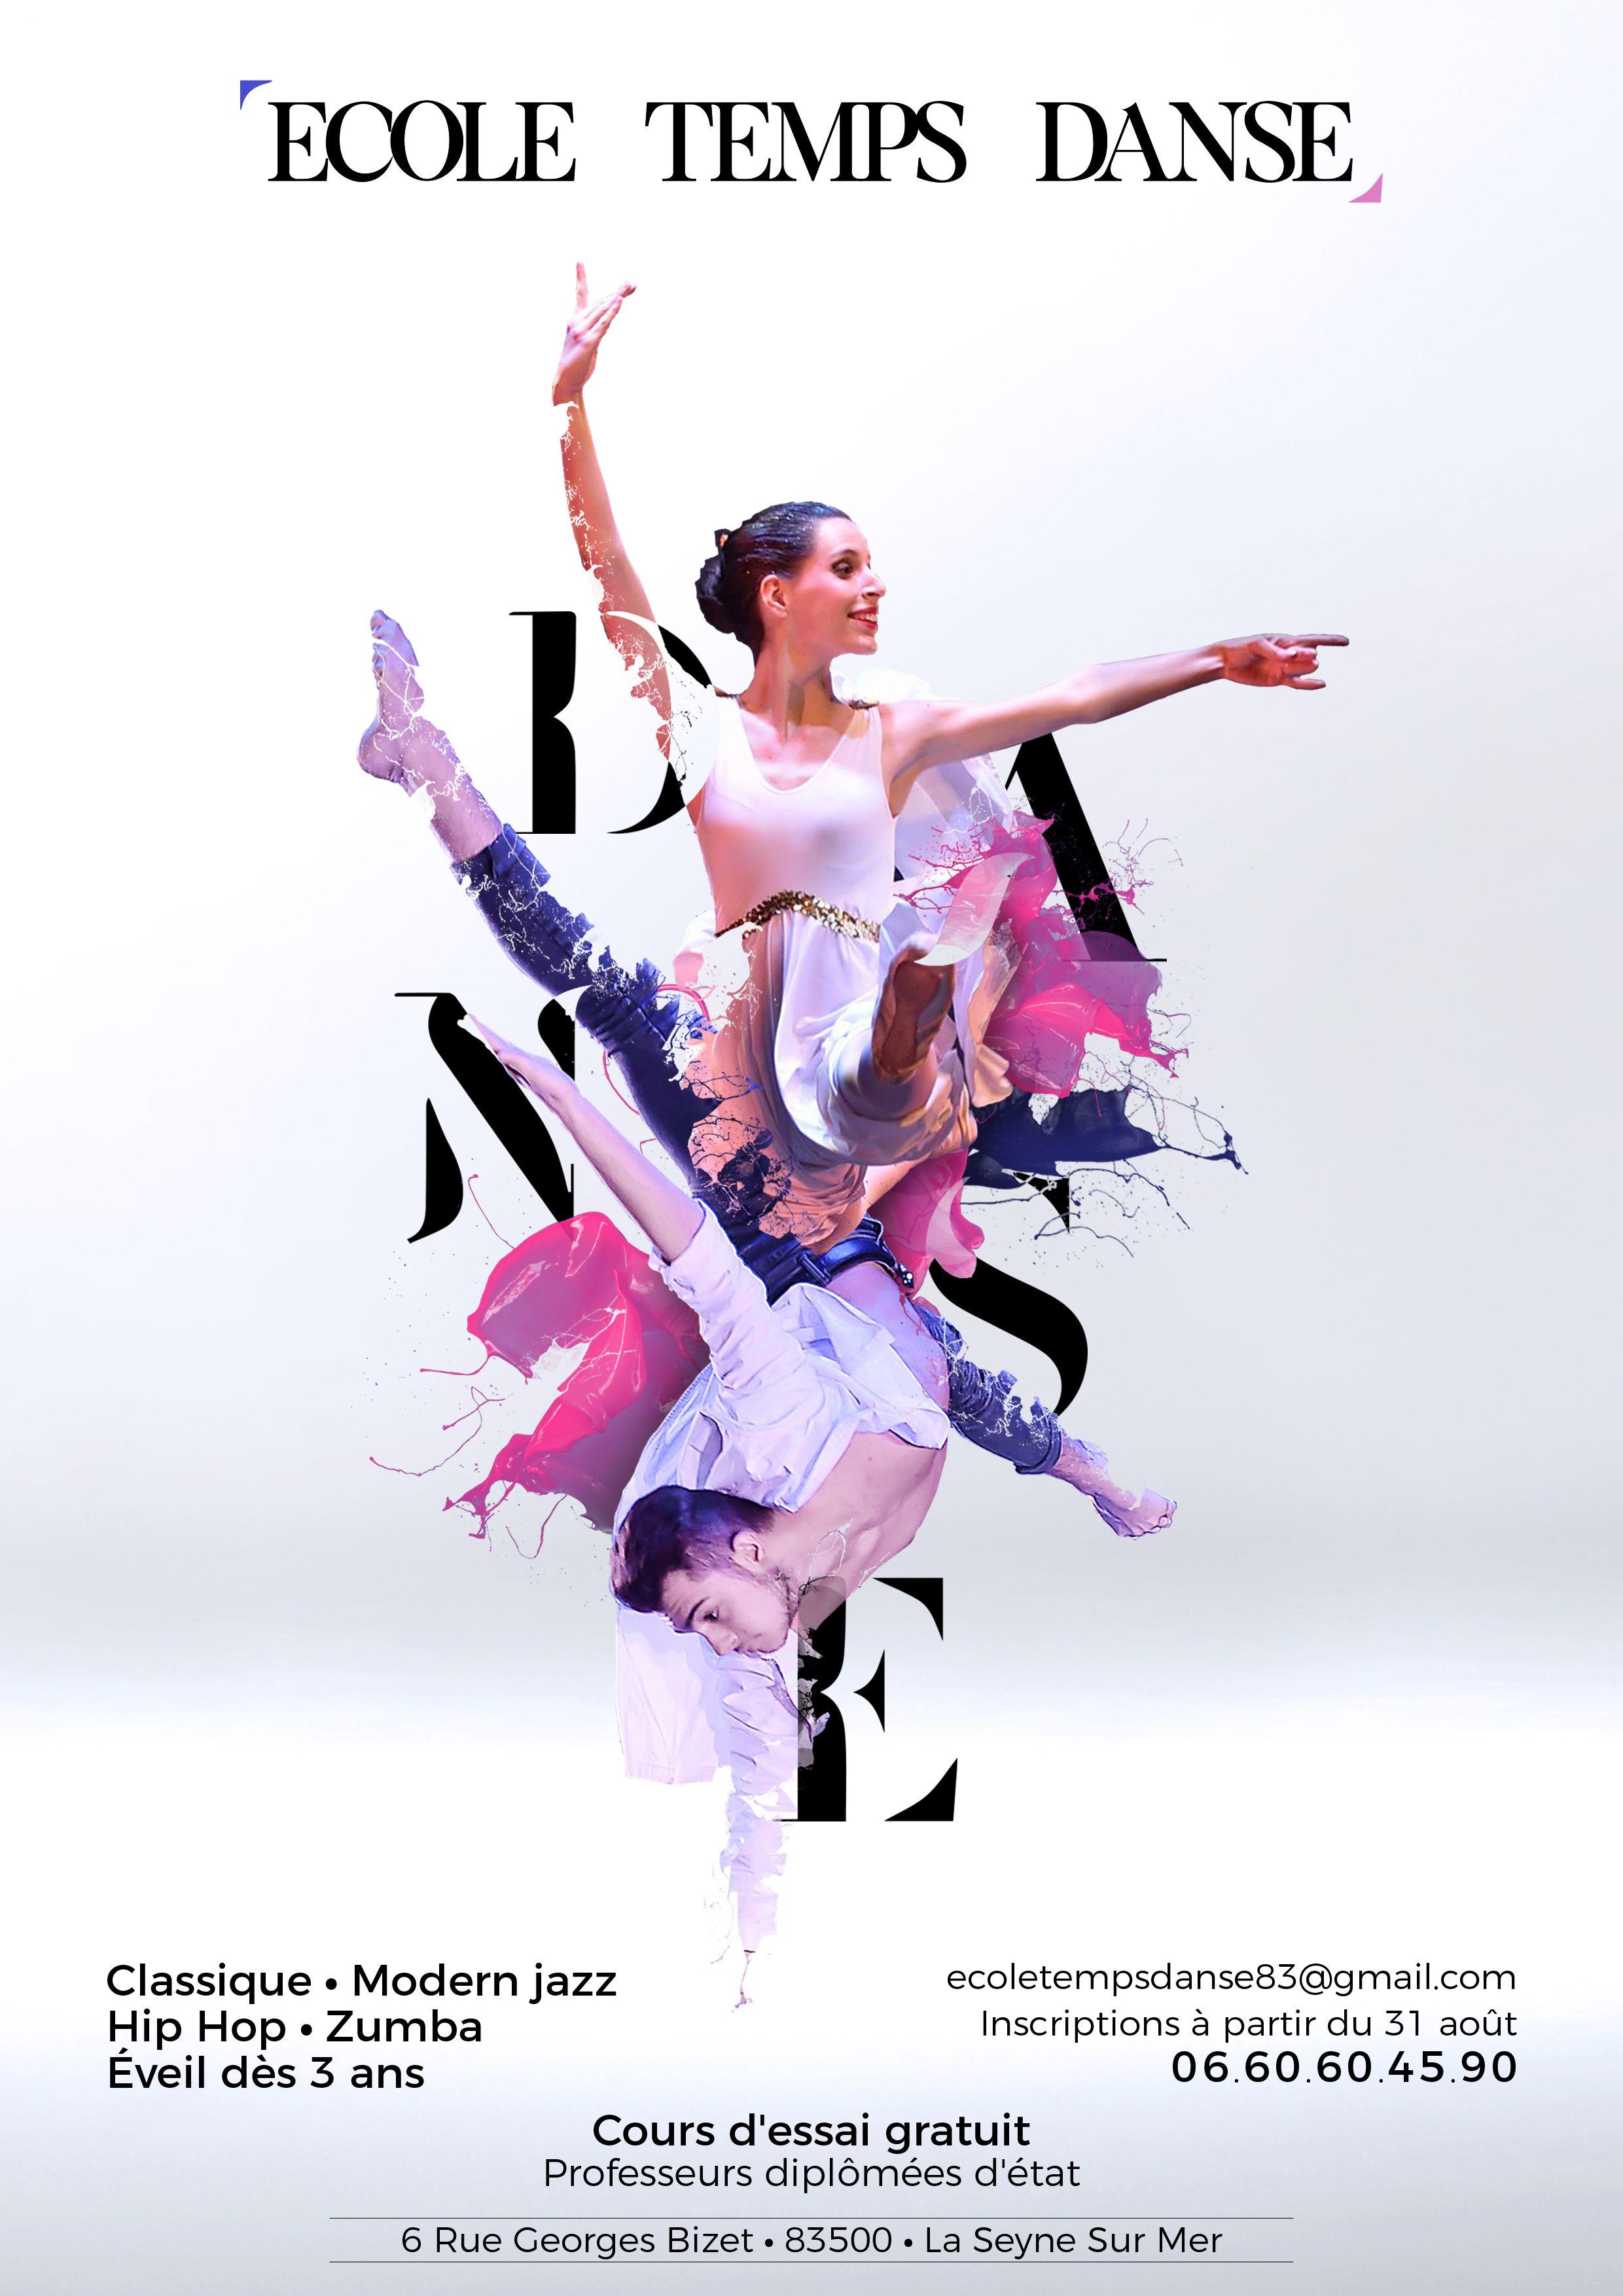 Flyer Ecole De Dans Tempsdanse Culture Club Flyer Dancer